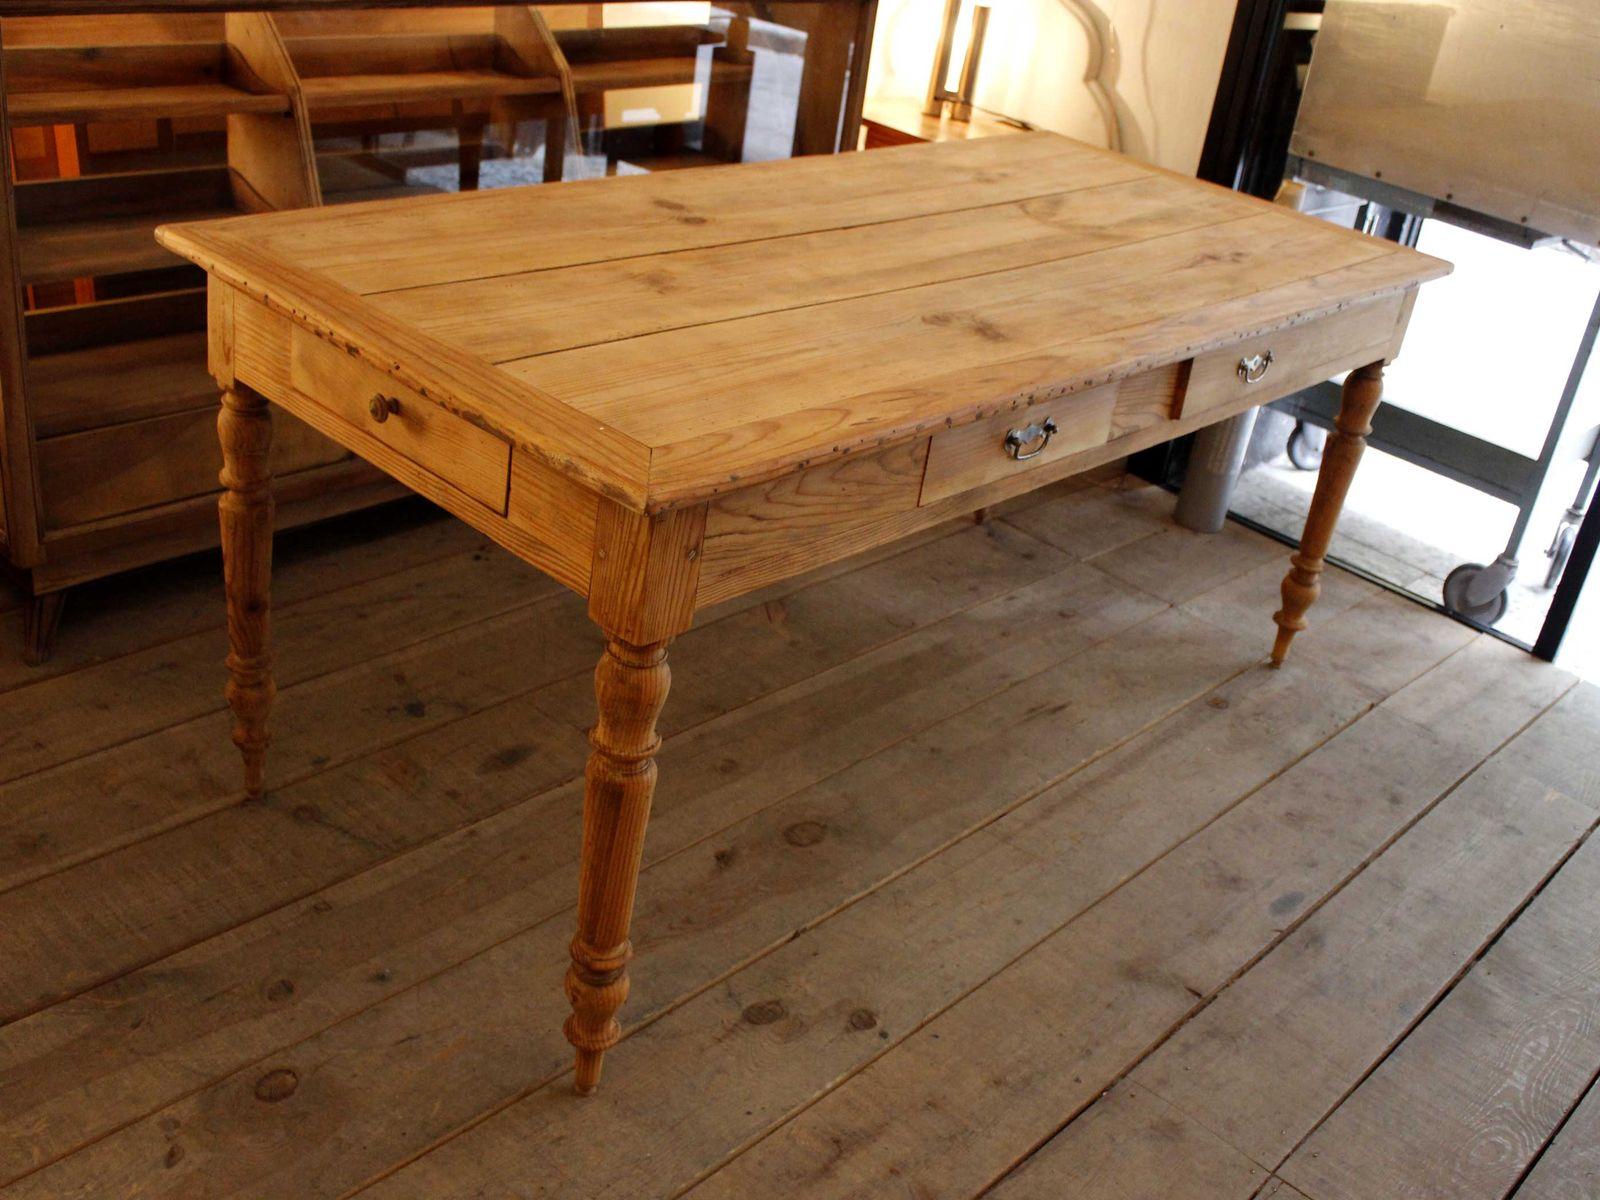 Table de salle manger de maison de campagne vintage en for Table de salle a manger fait maison